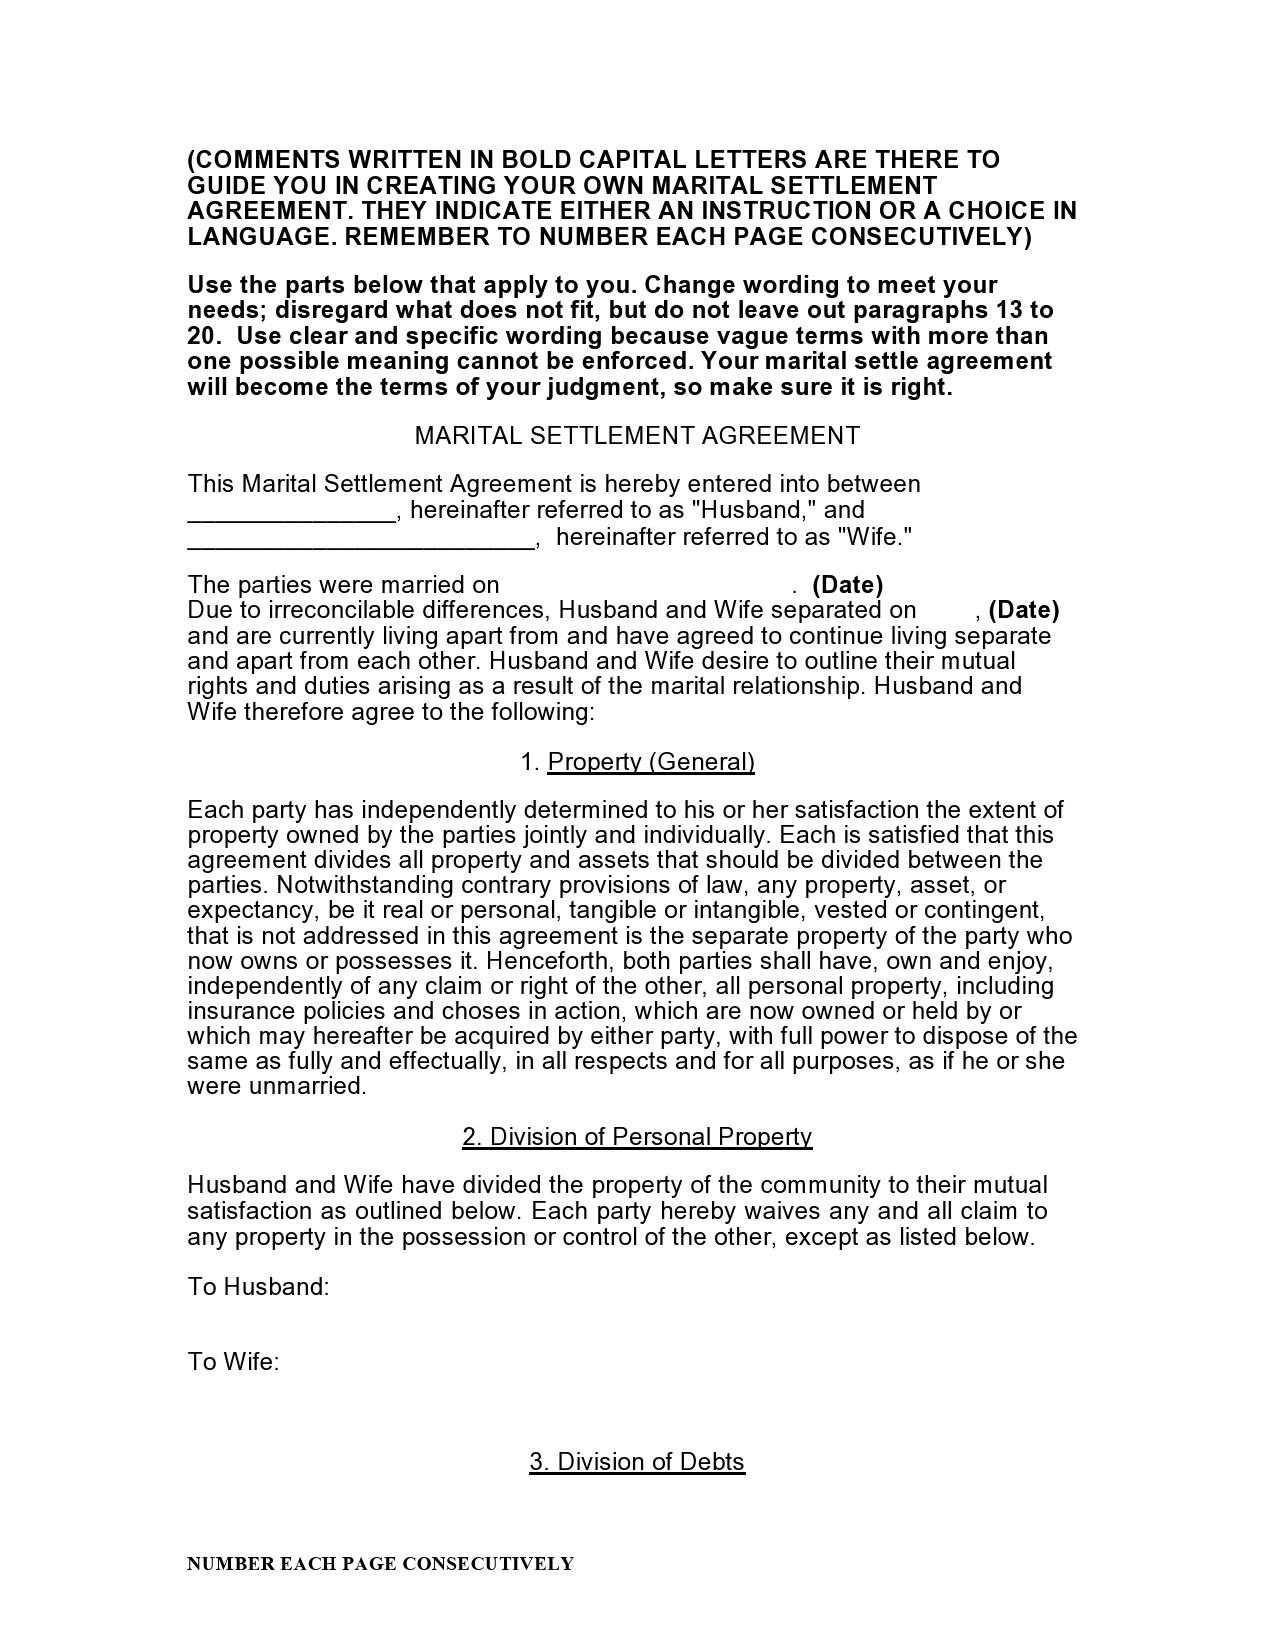 Free marital settlement agreement 11